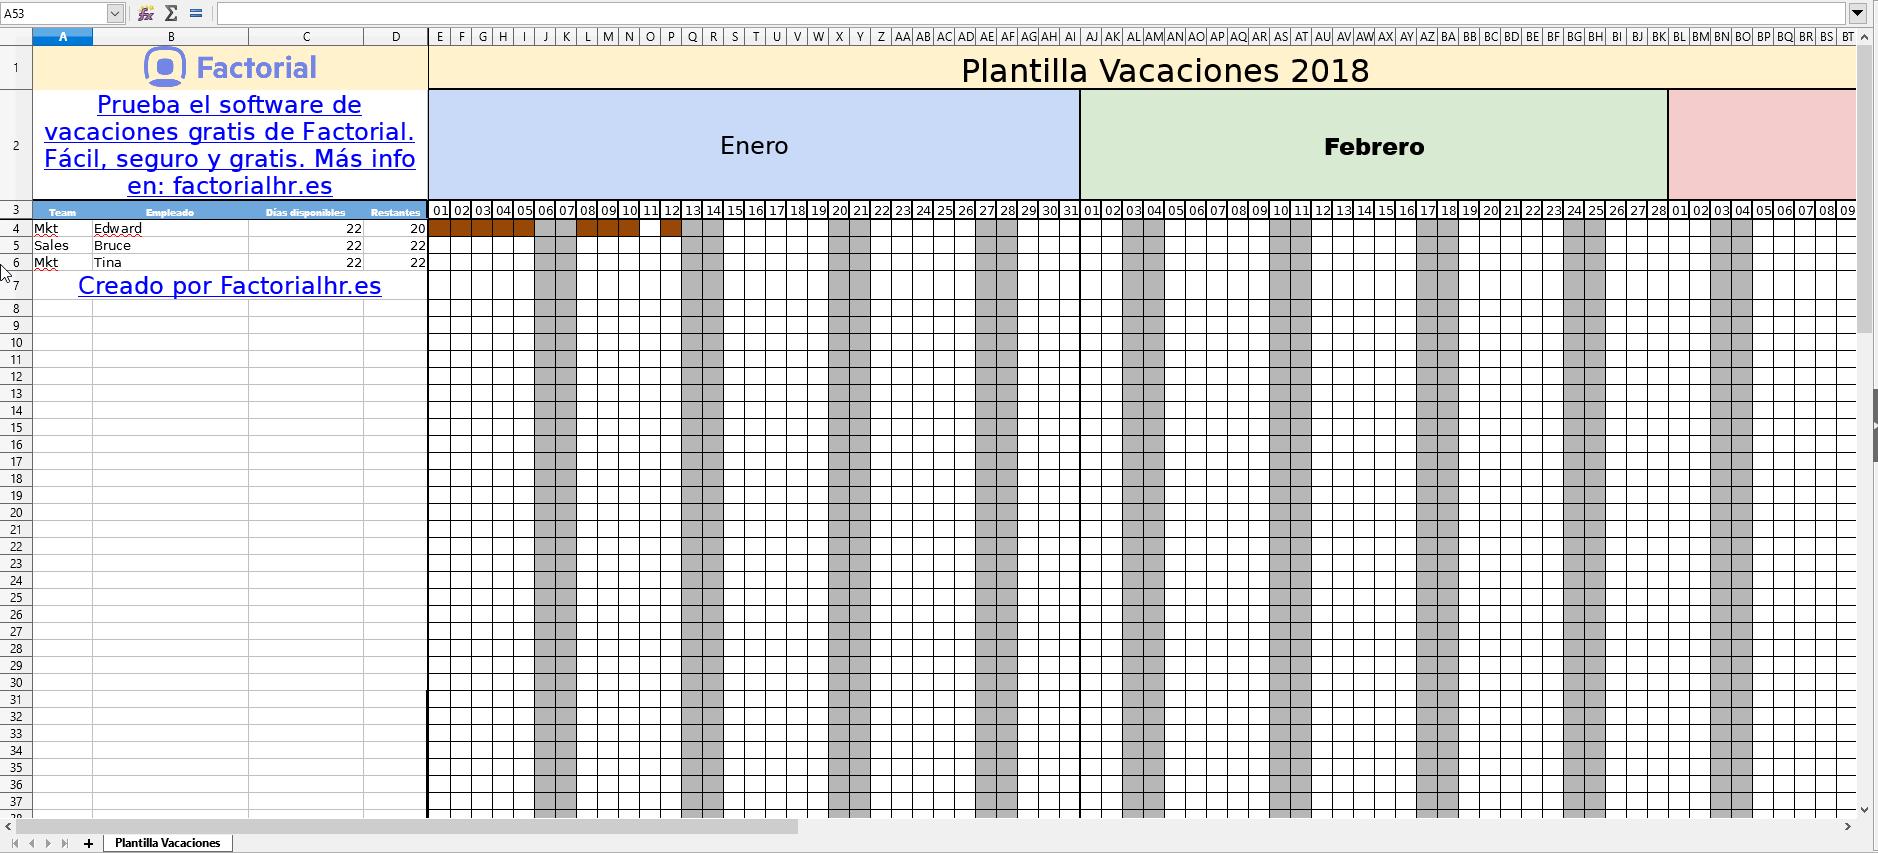 Gestión de vacaciones de empleados con Excel [Plantilla 2018]